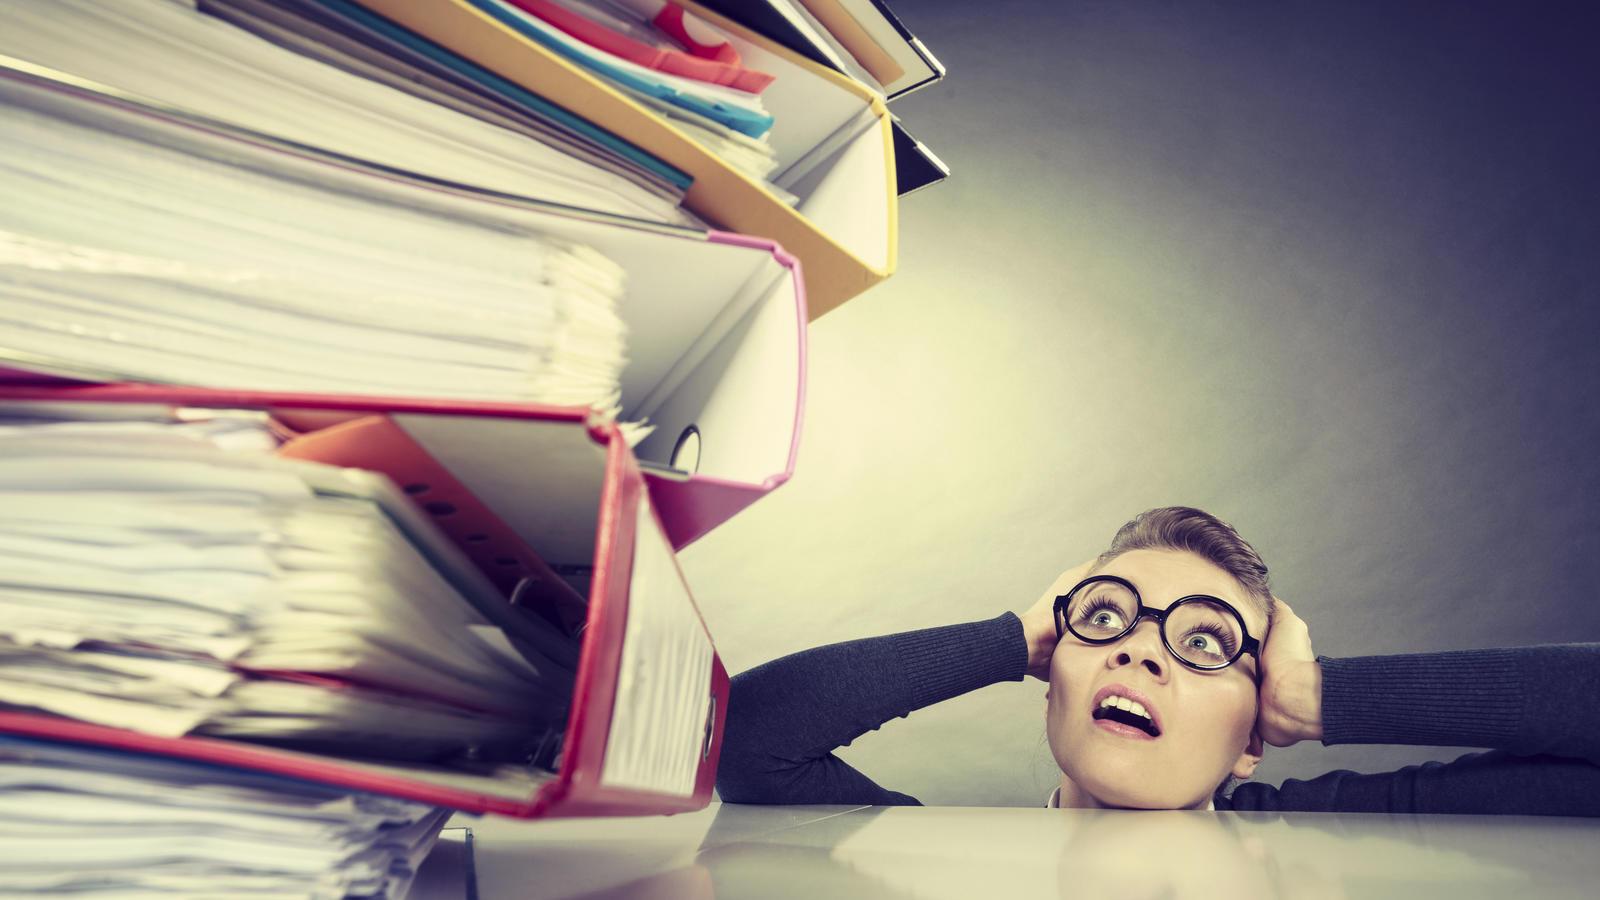 versicherungsunterlagen und co wie lange sollte ich welche dokumente aufheben